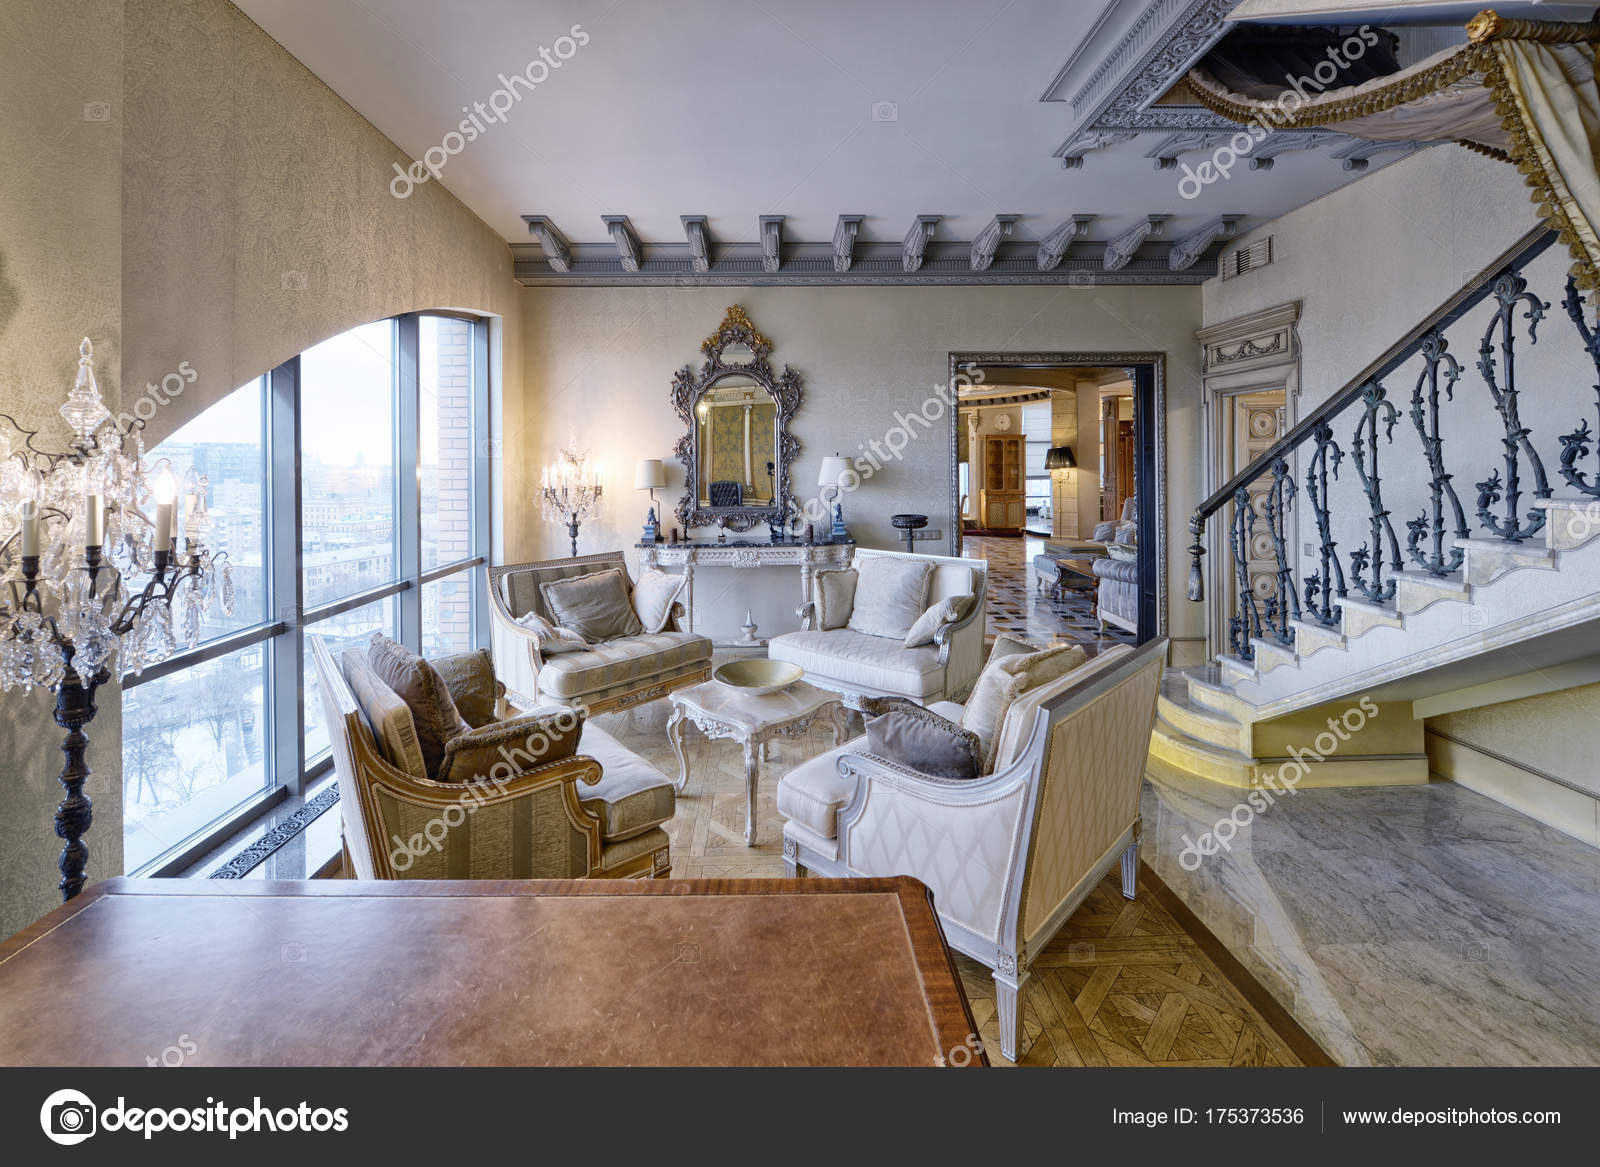 Russland Moscow Region Wohnzimmer Interior Design Neuen Luxus Haus U2014  Stockfoto